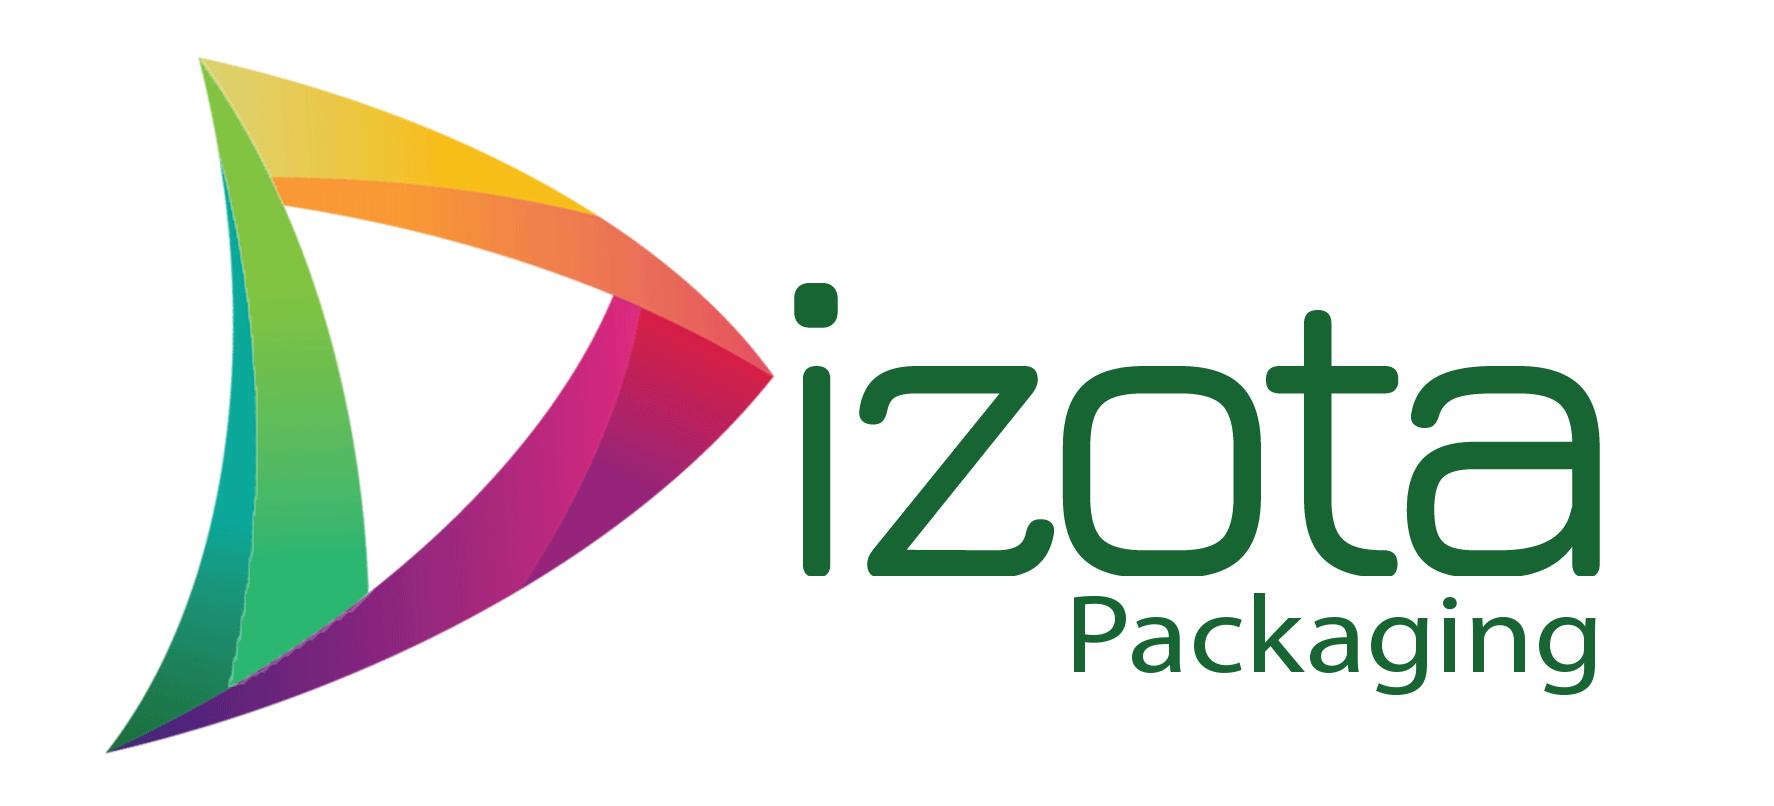 Dizota Packaging chuyên bán buôn bán lẻ các loại bao bì đóng gói tại Hà Nội